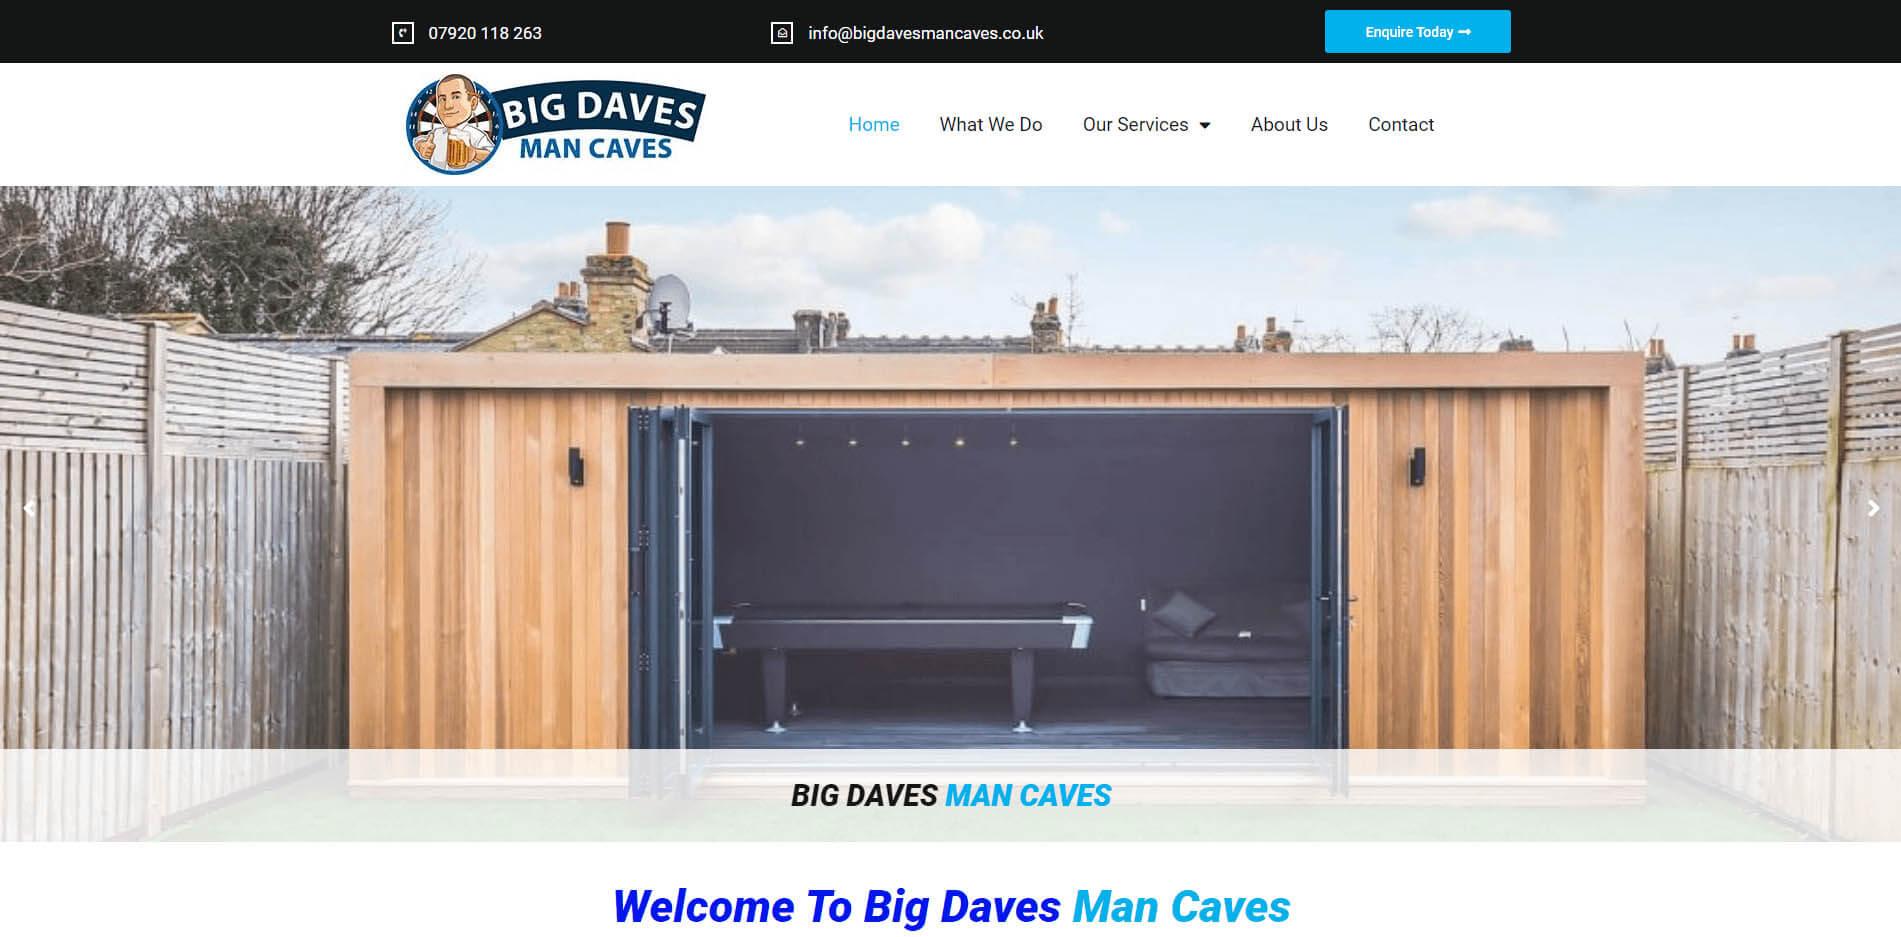 Big Daves Man Caves